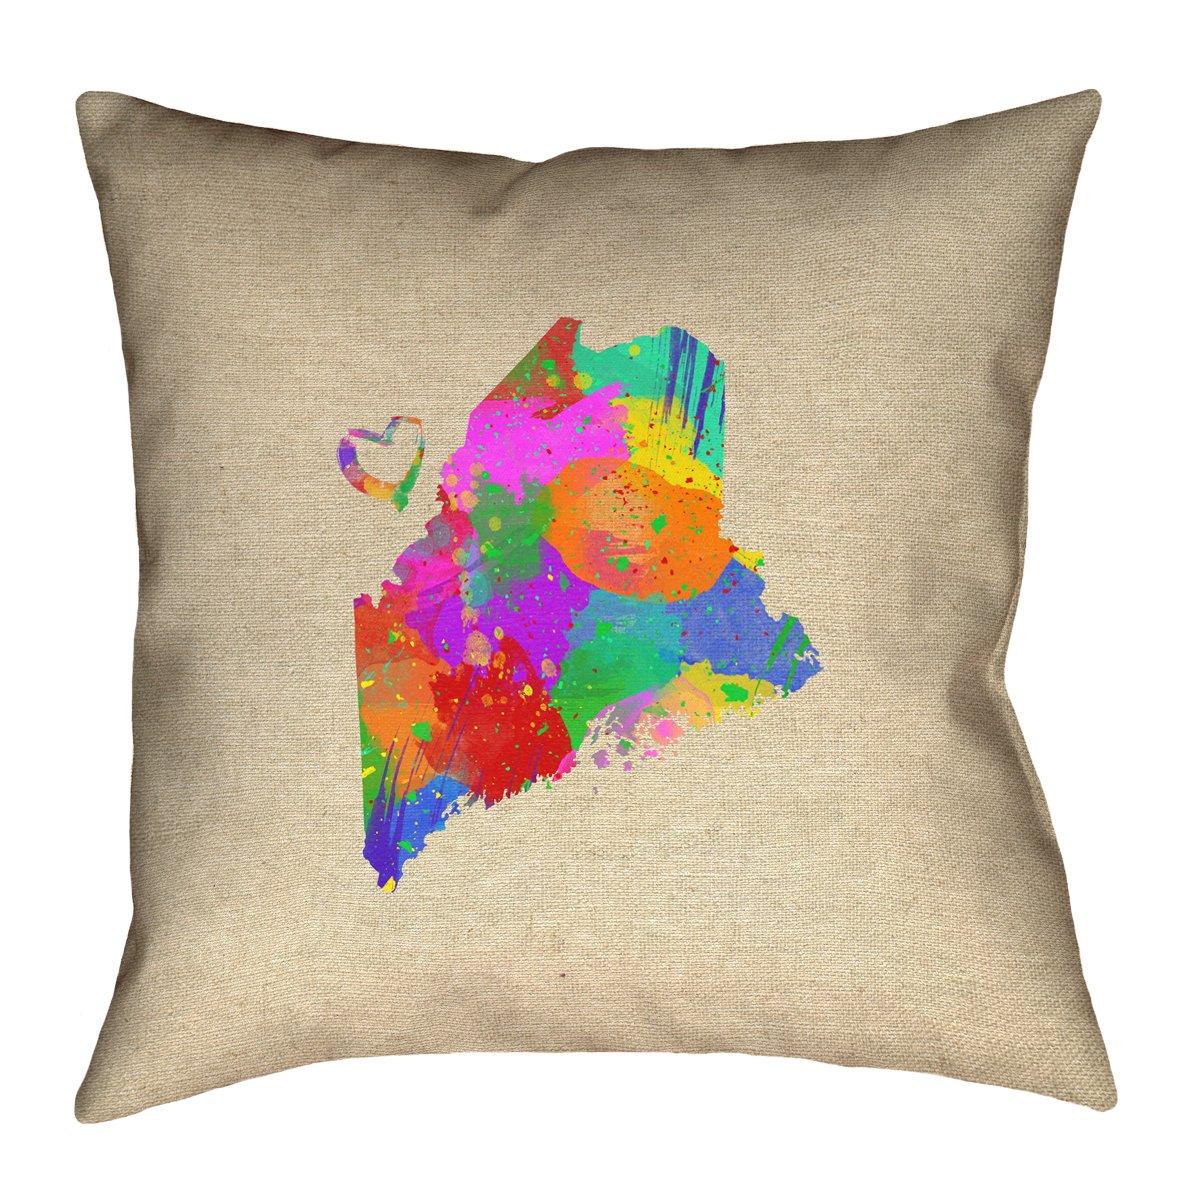 ArtVerse Katelyn Smith 16 x 16 Spun Polyester Maine Love Watercolor Pillow